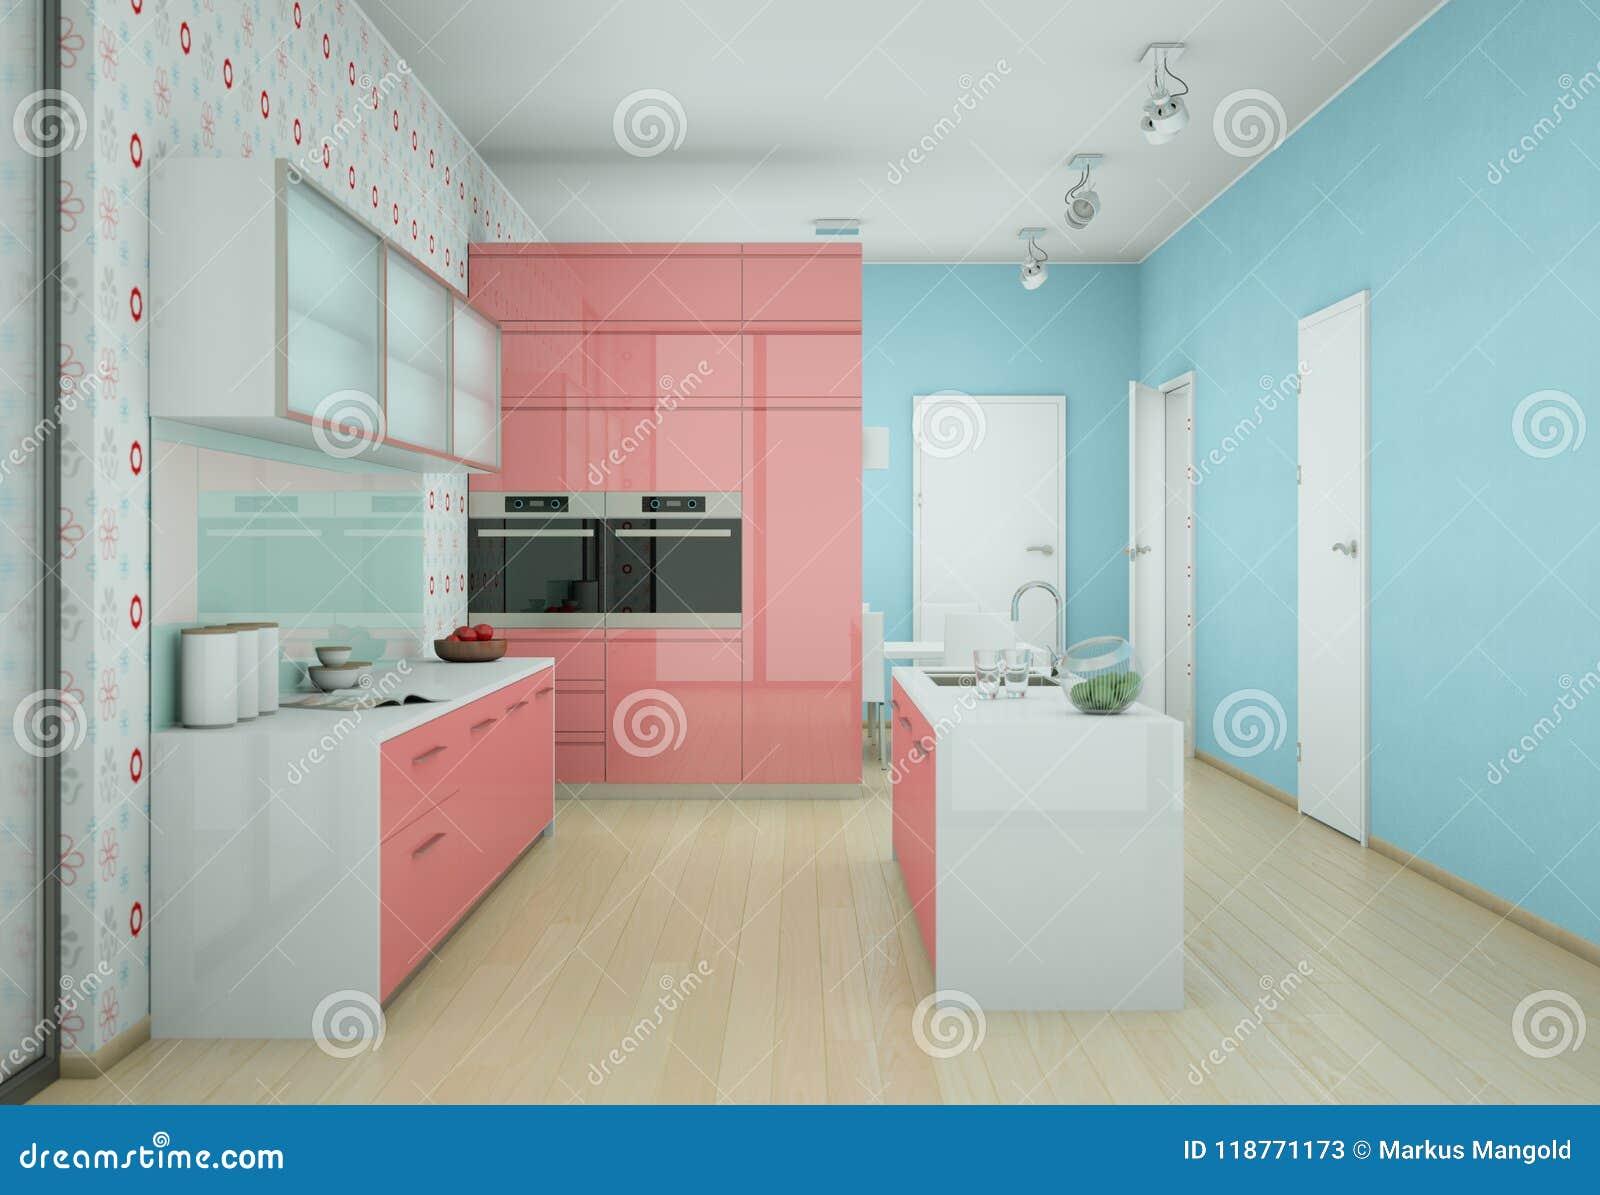 Pink Modern Kitchen With Vintage Wallpaper Stock Illustration Illustration Of Inside Flat 118771173